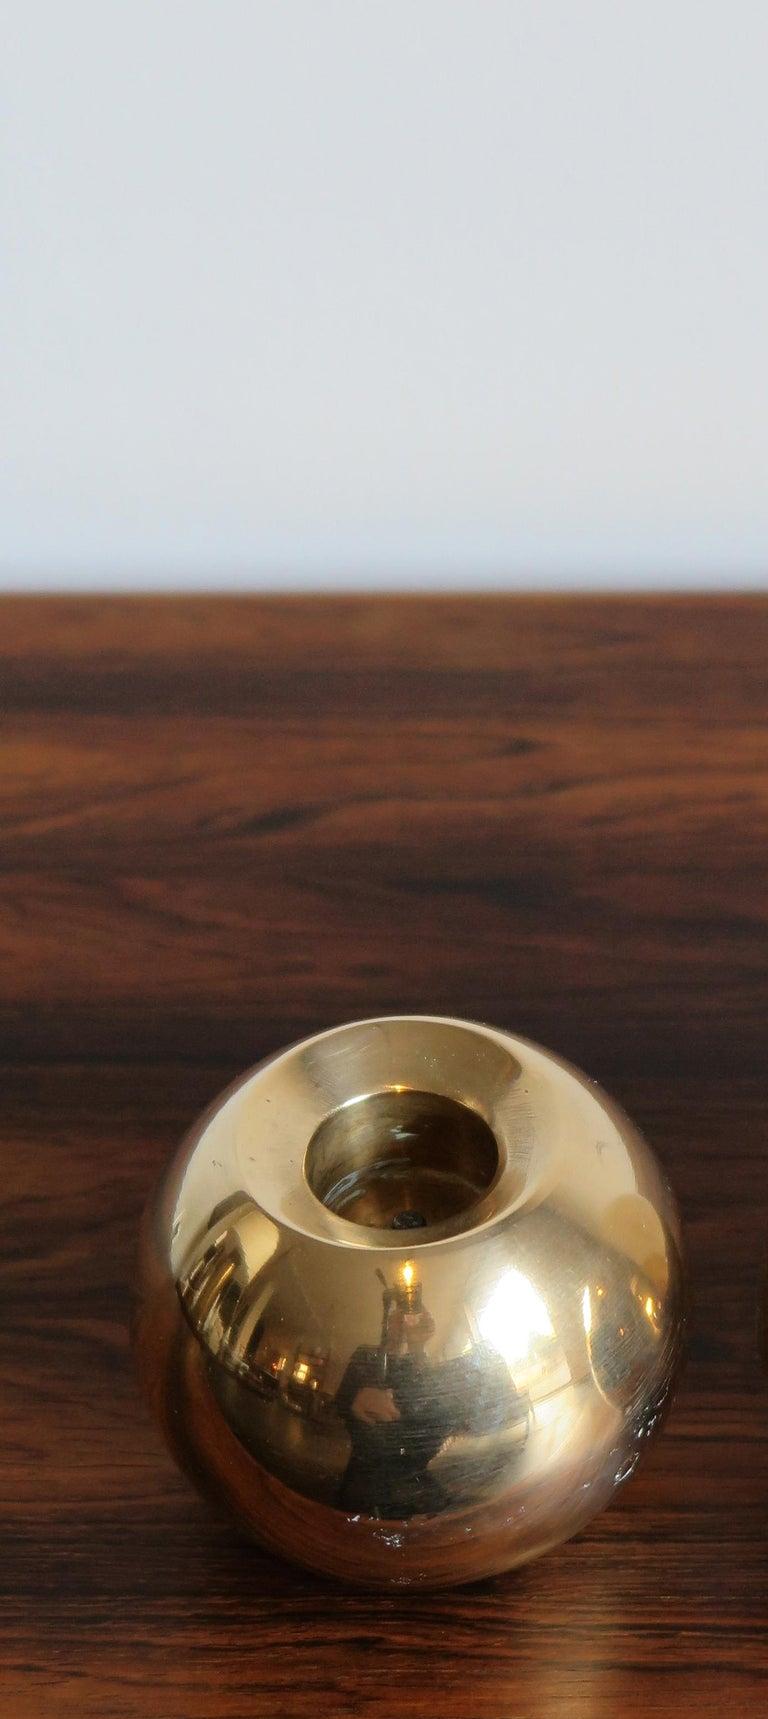 Danish Brass Scandinavian Mid-Century Modern Candleholder Candlesticks, 1950s For Sale